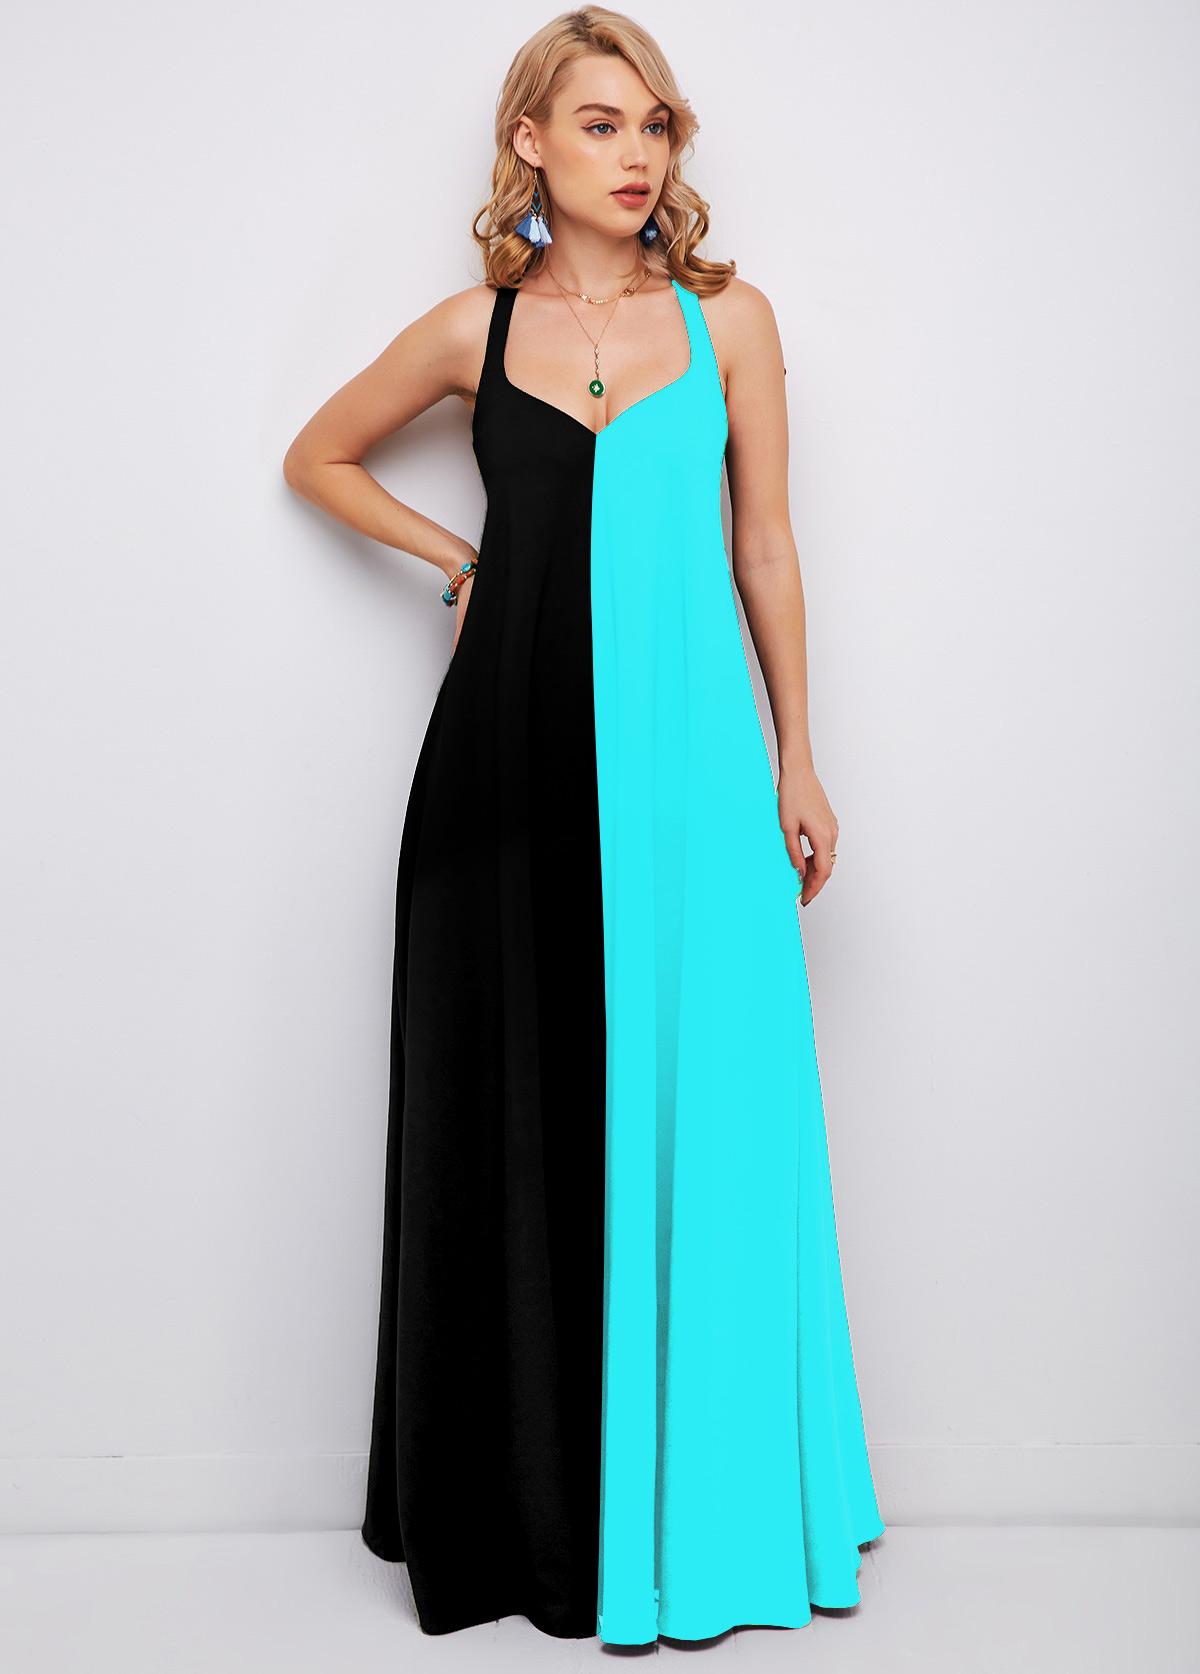 ROTITA Maxi Color Block Spaghetti Strap Dress